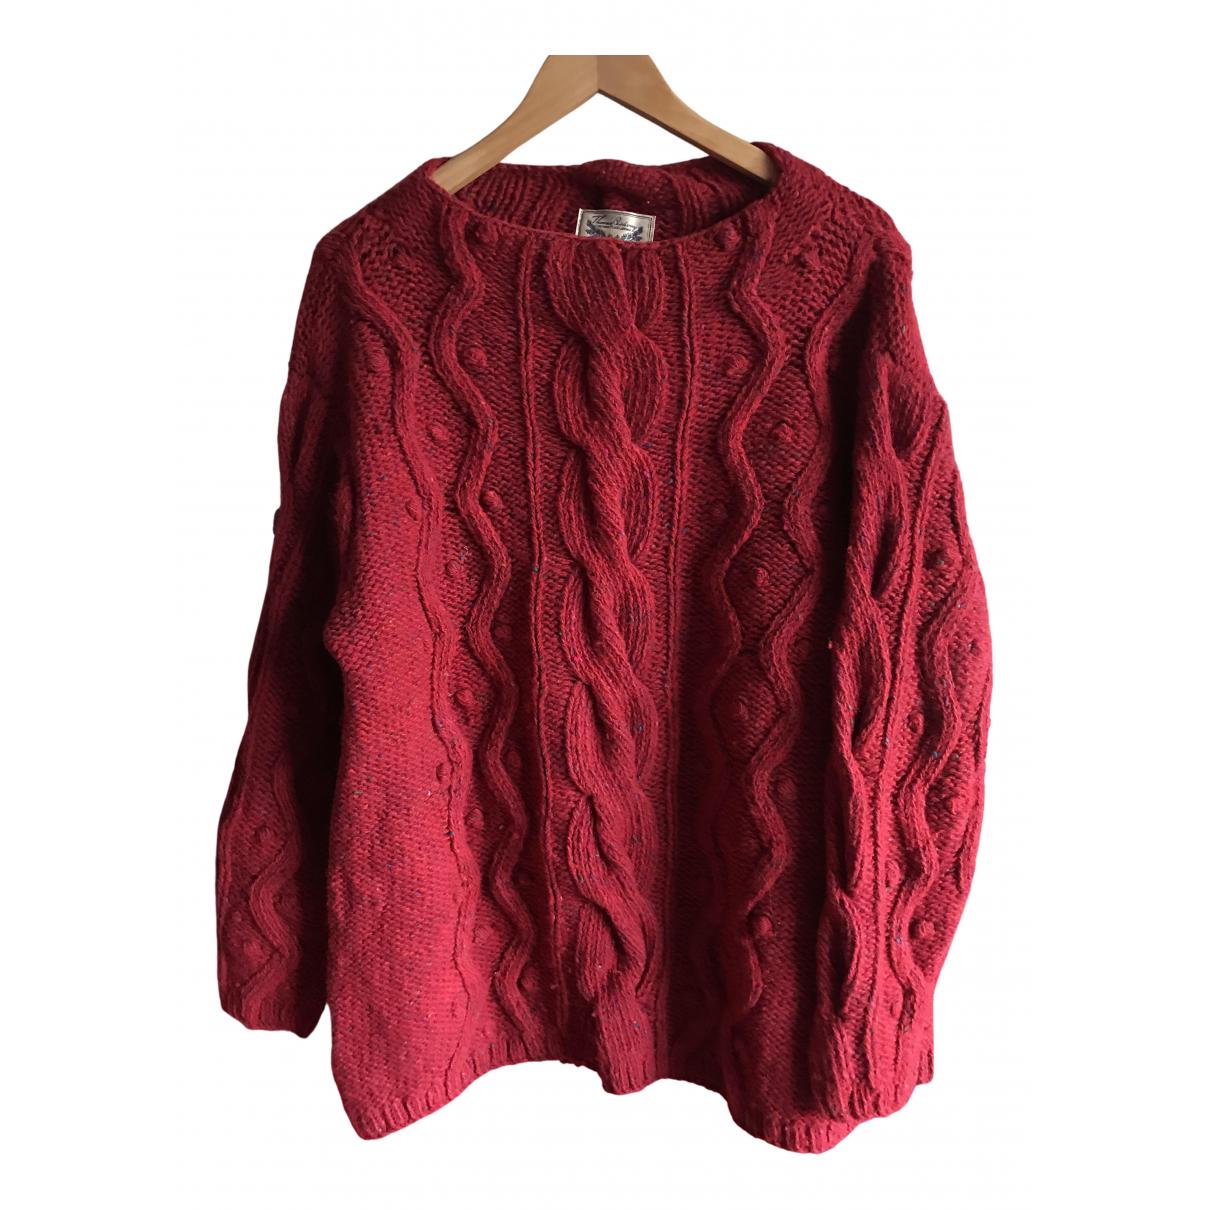 Burberry N Red Wool Knitwear for Women M International